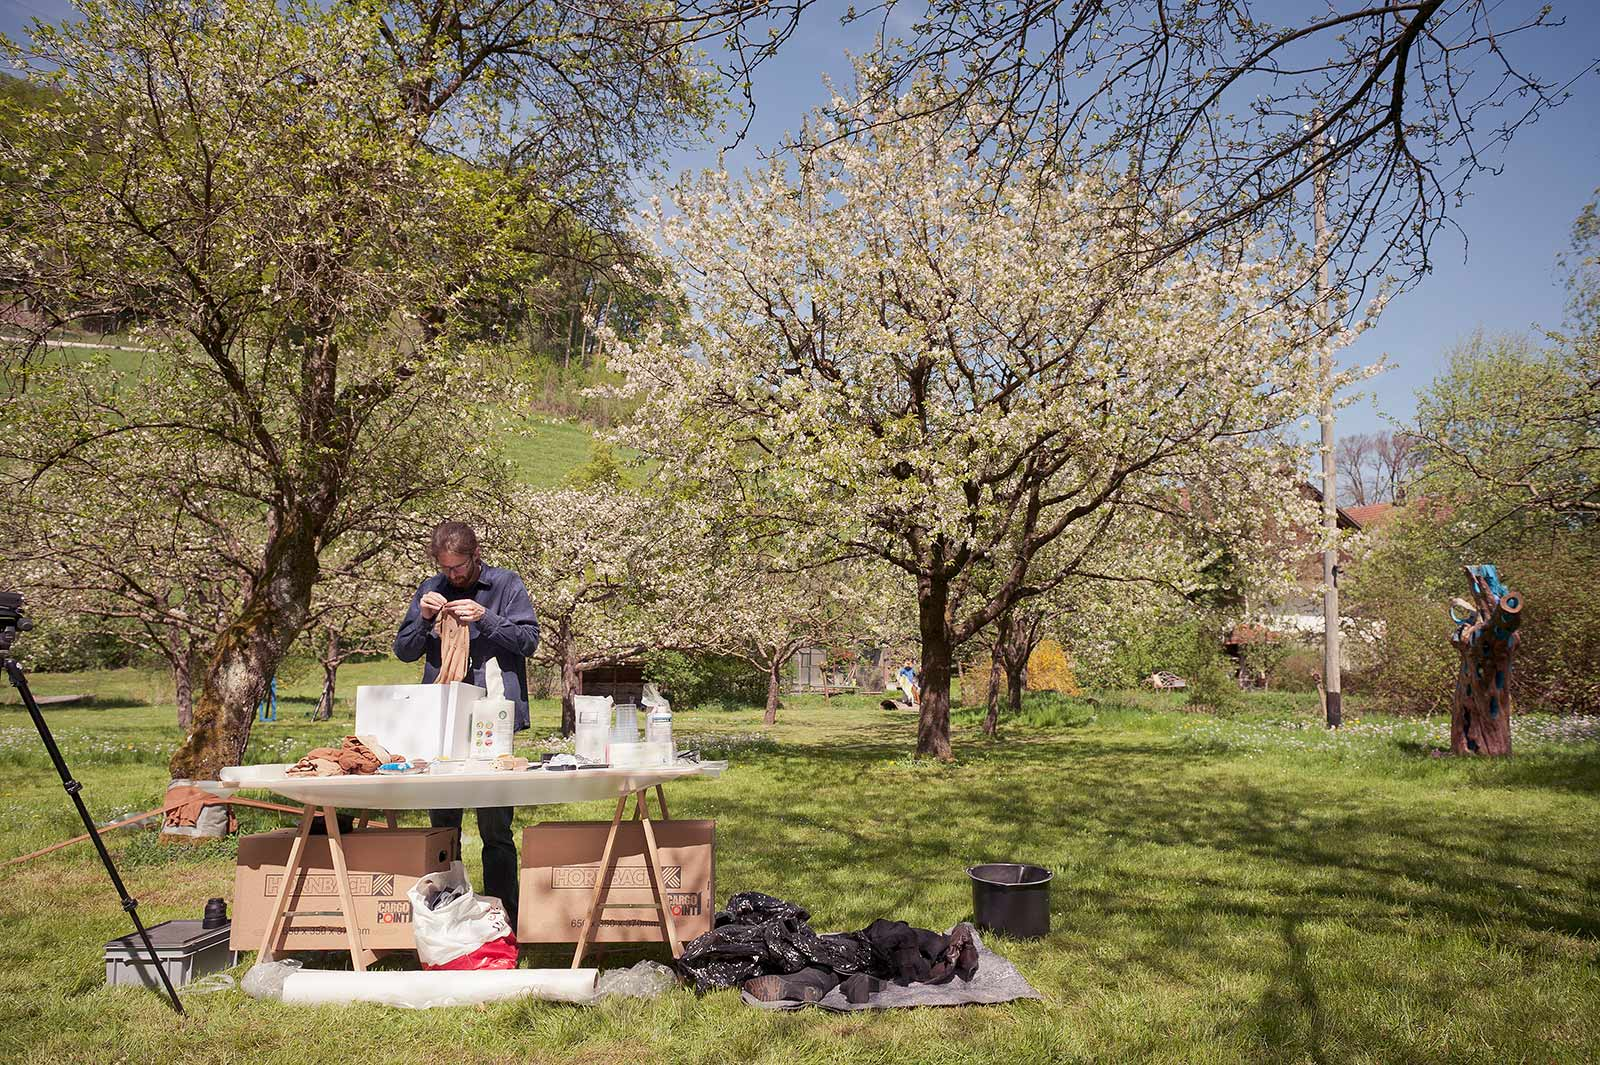 Freiluft Atelier am Kulturort Weiertal für eine Installation mit Strümpfen und Epoxidharz im Park mit Obstbäumen